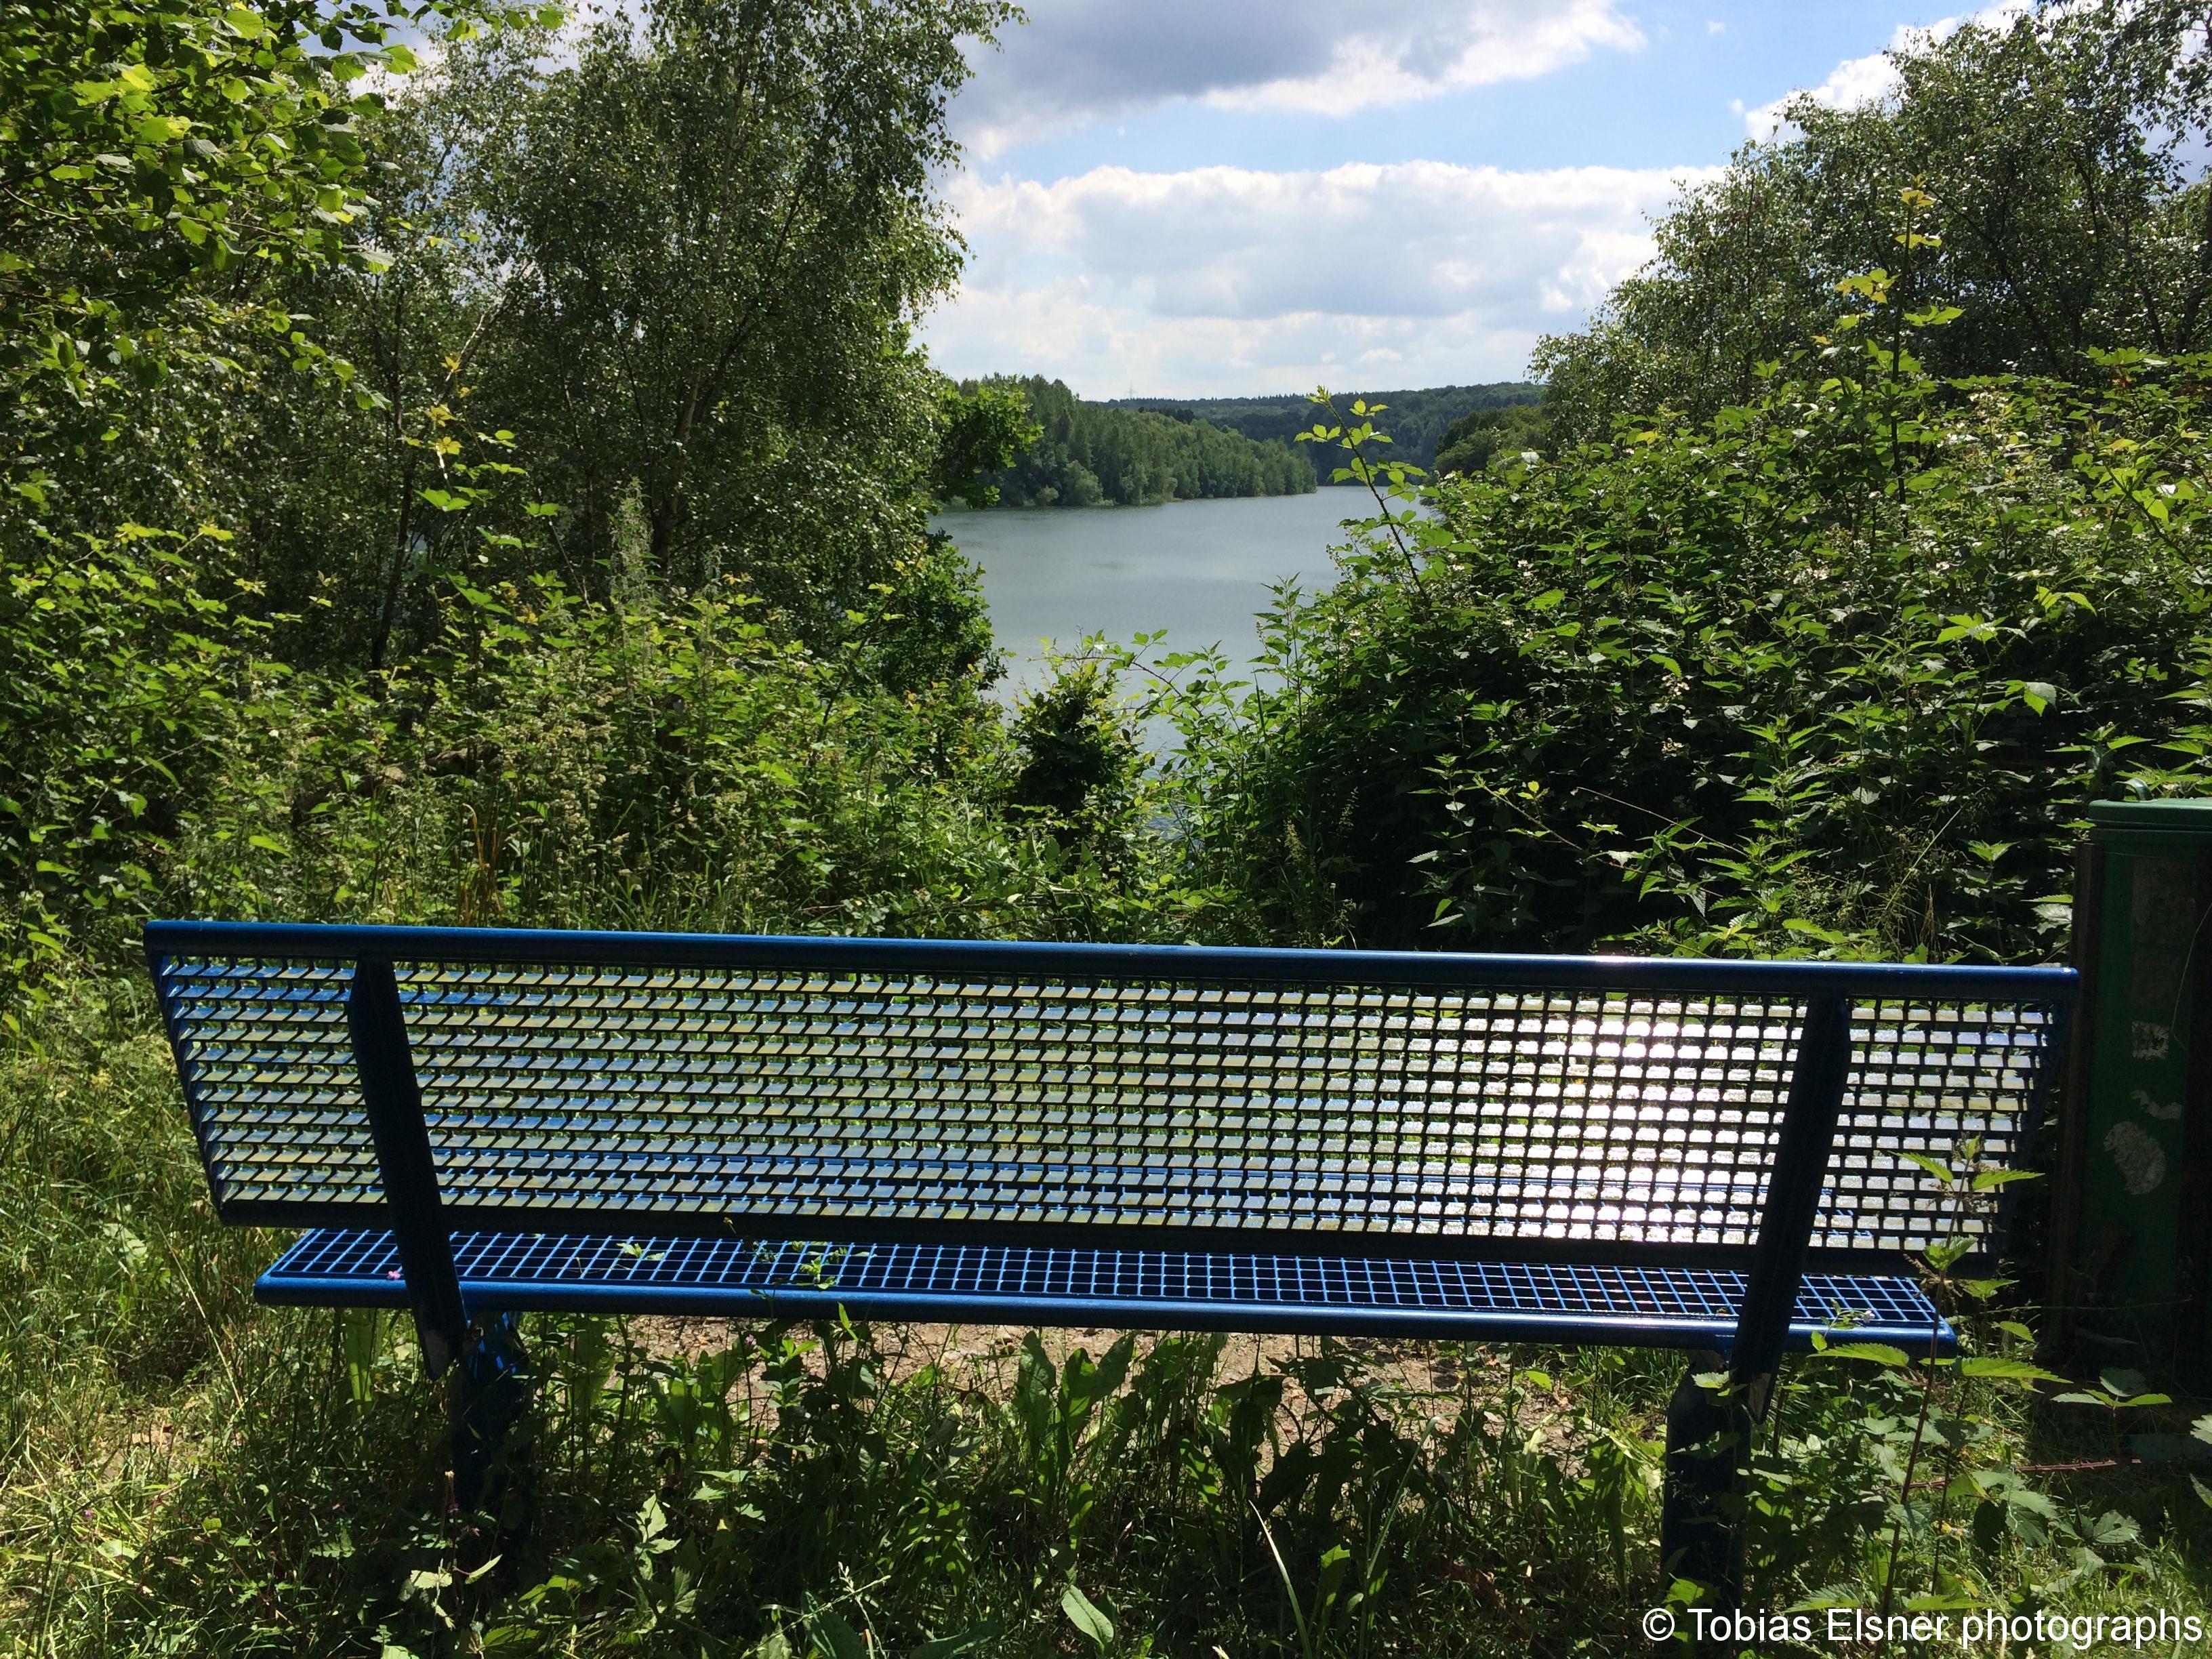 Wanderung Wald Wasser Wolle Weg Radevormwald 2014 Nr.81